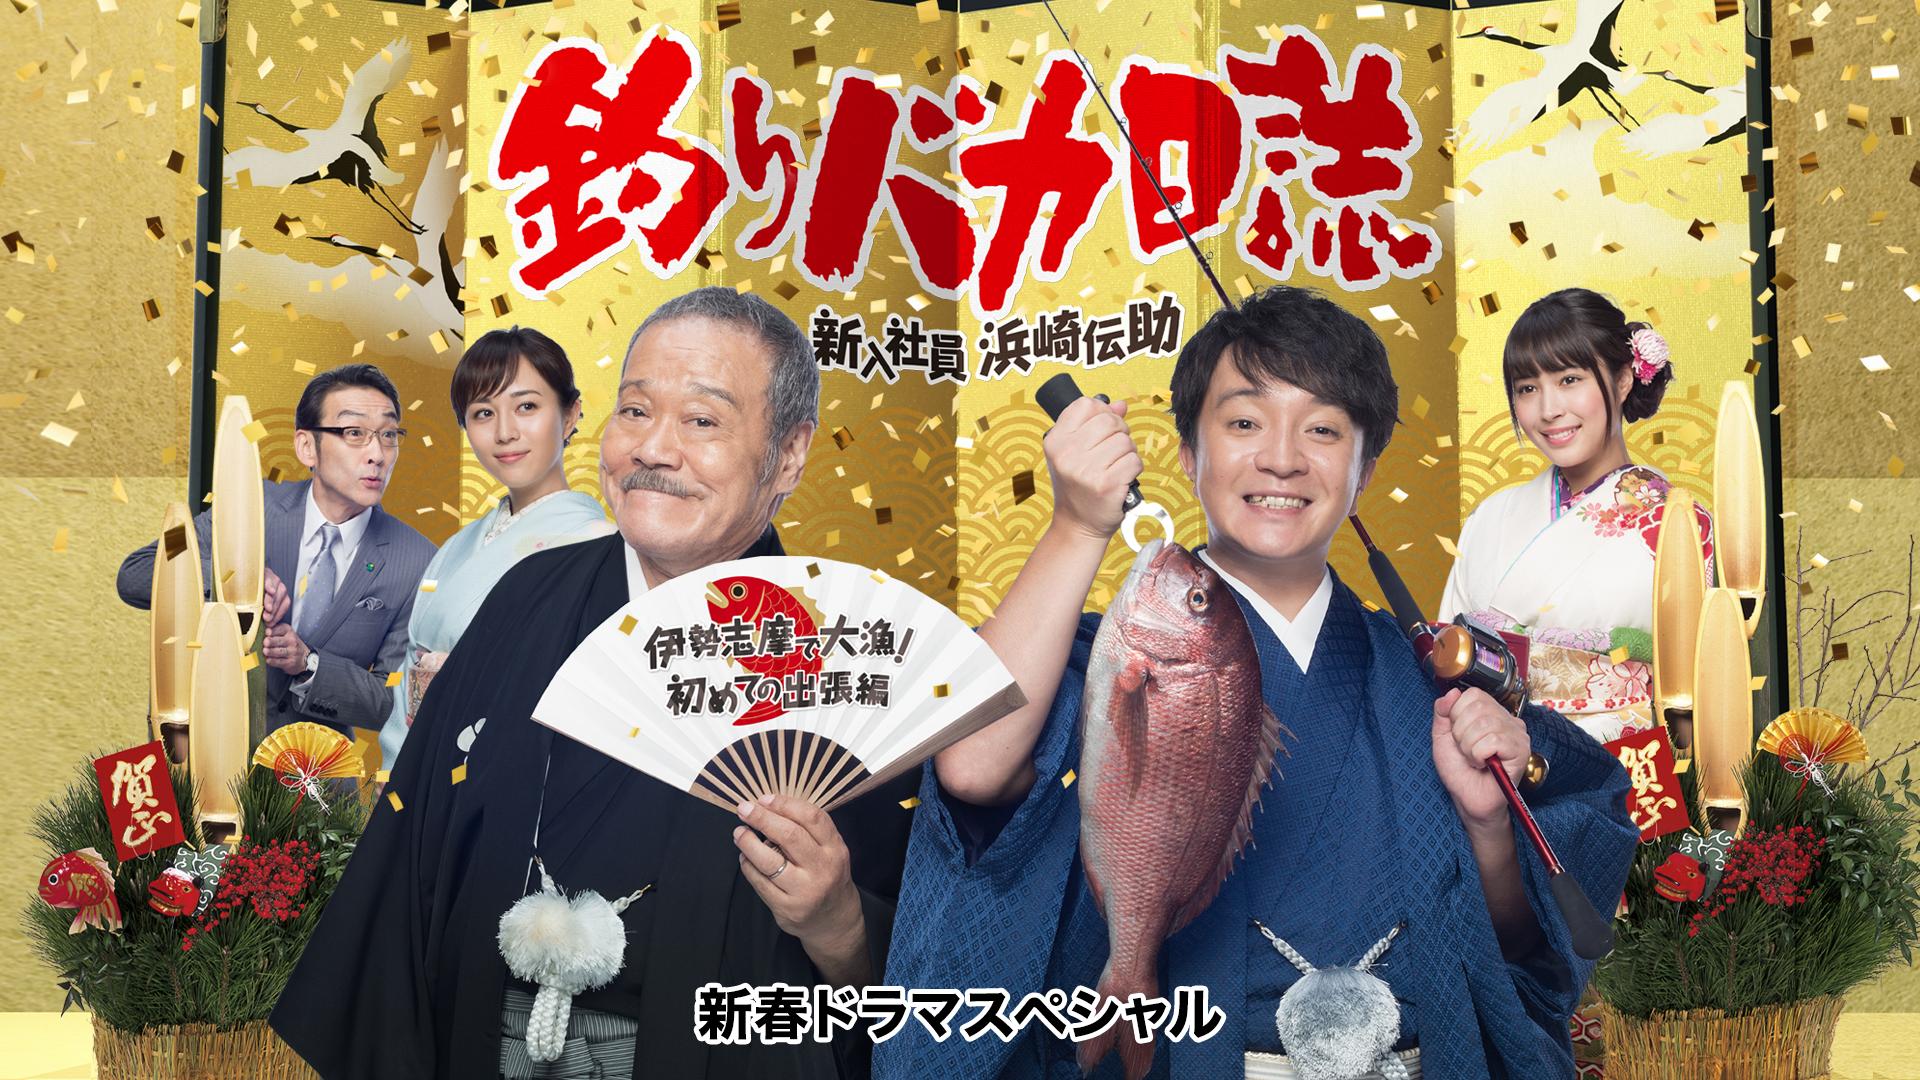 テレビSP 釣りバカ日誌 新入社員 浜崎伝助 動画